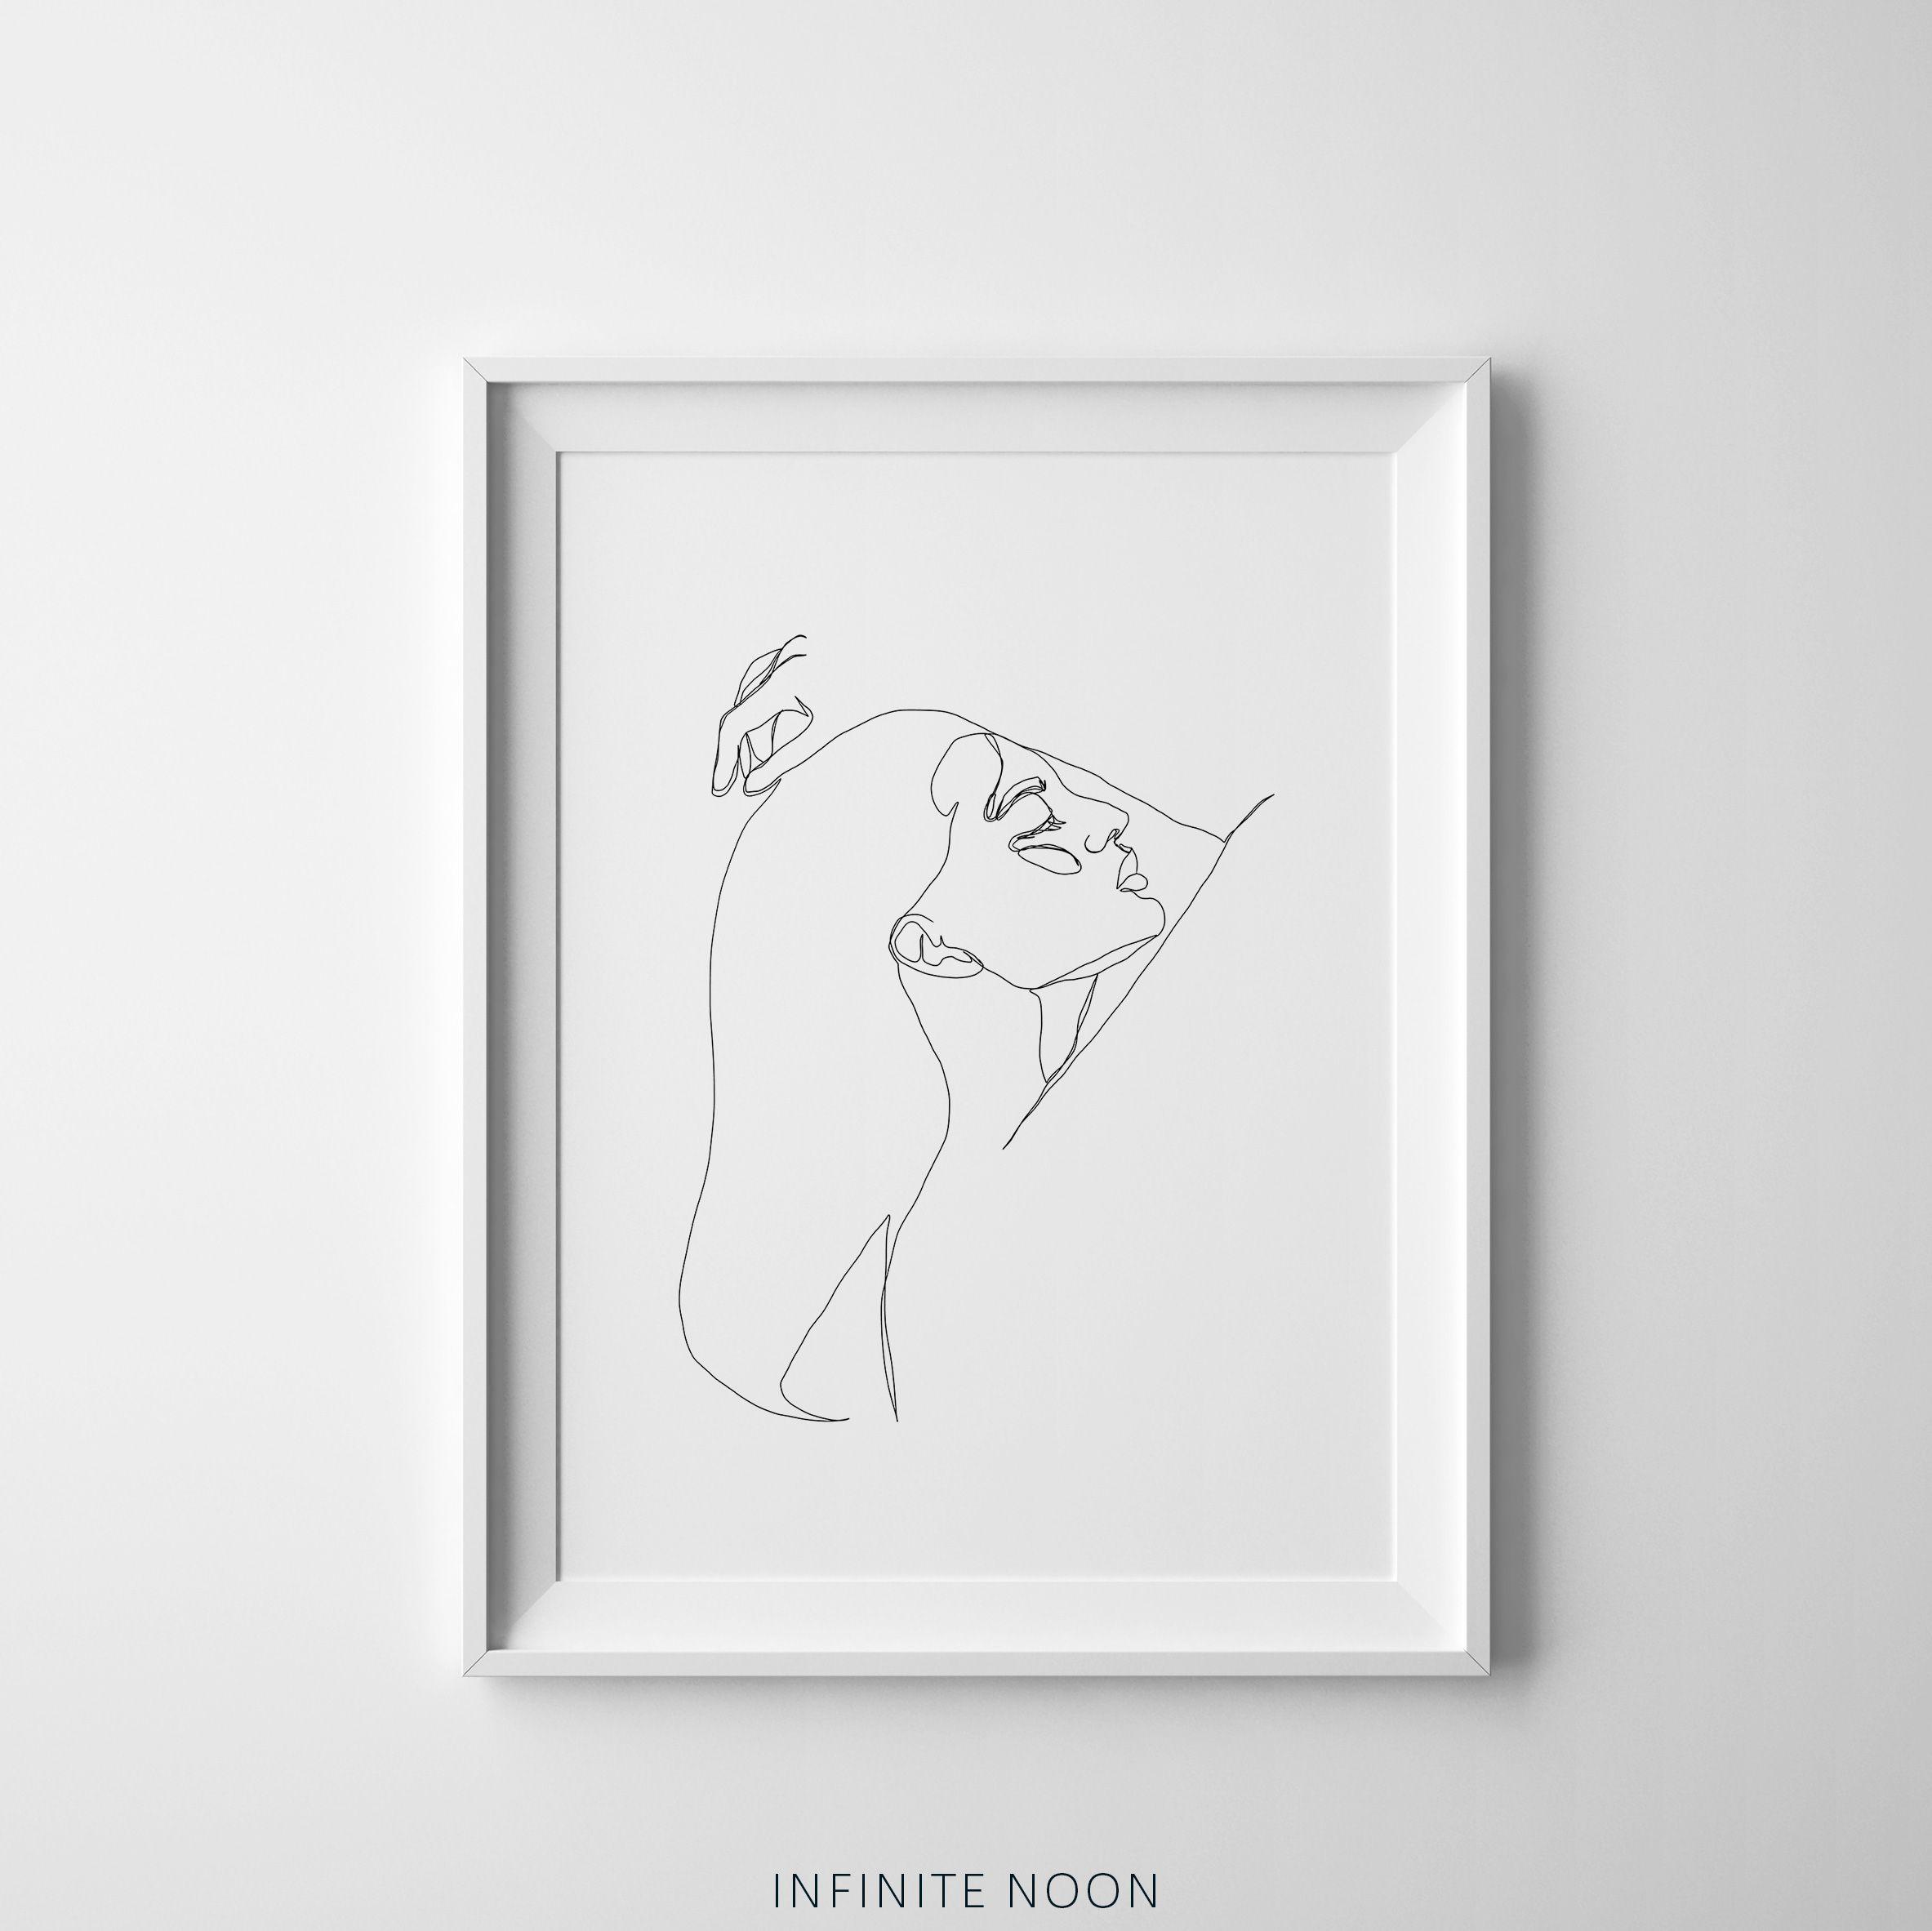 Single Line Woman Pose Printable Art Rough Fashion Sketch